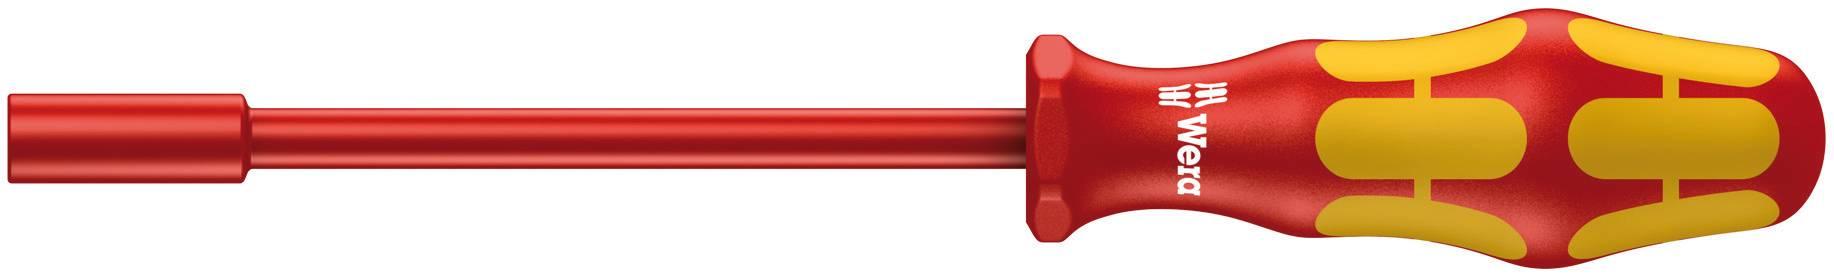 Šestihranný nástrčný klíč VDE Wera, 12 mm